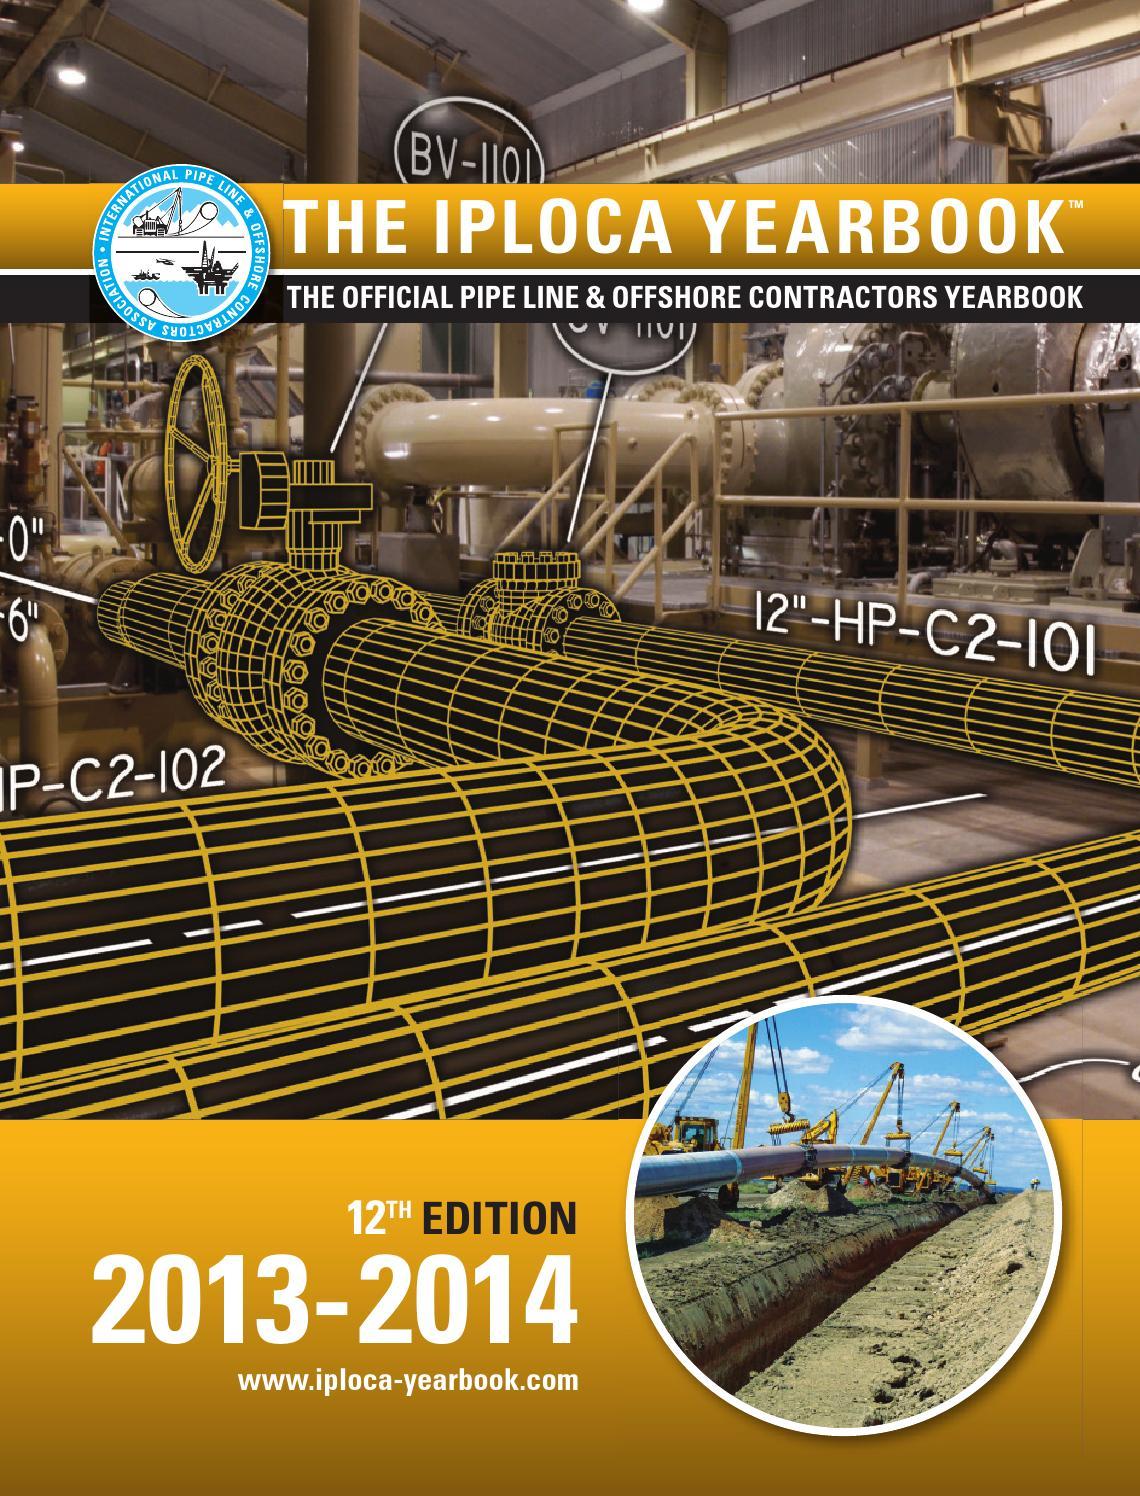 IPLOCA Yearbook 2013 2014 By Pedemex BV Issuu